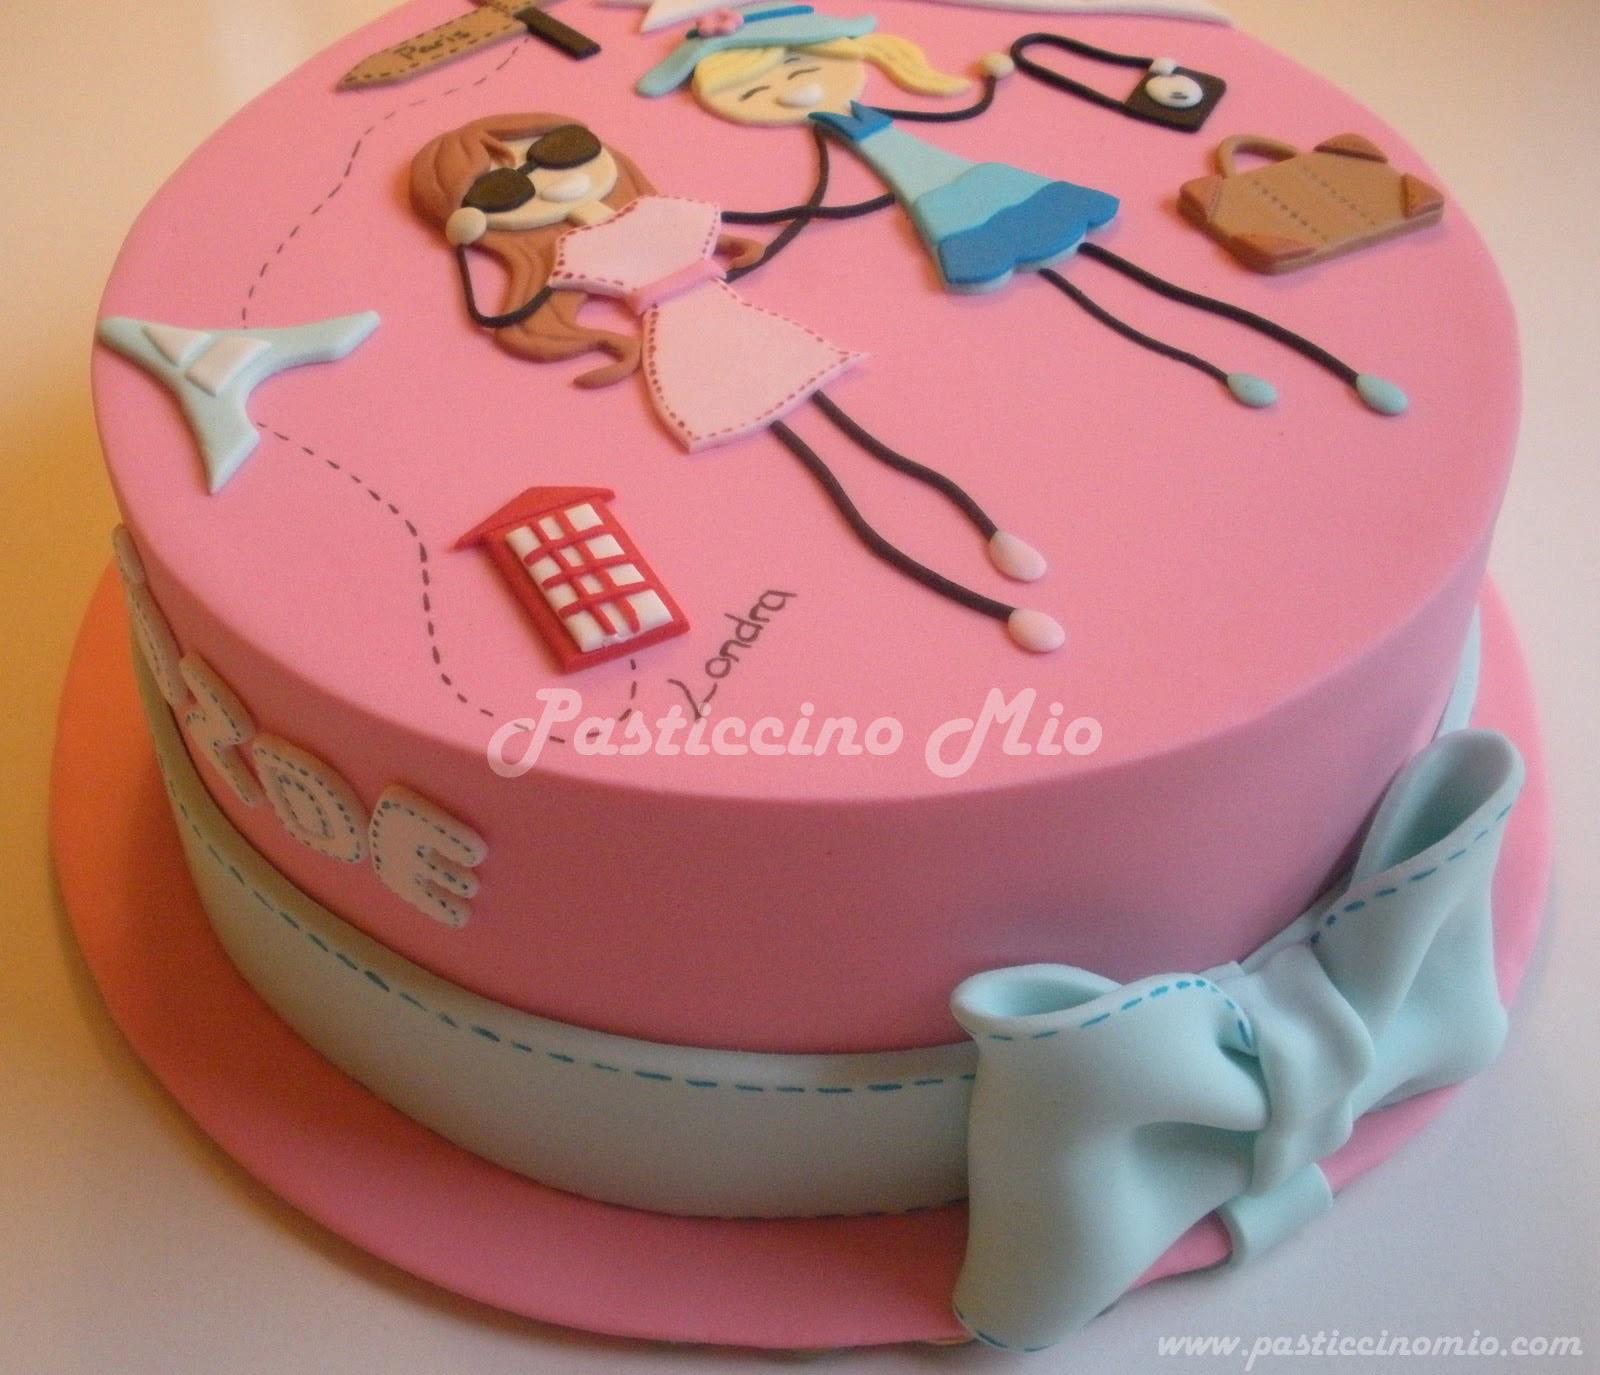 Doğum günü pastası resimleri